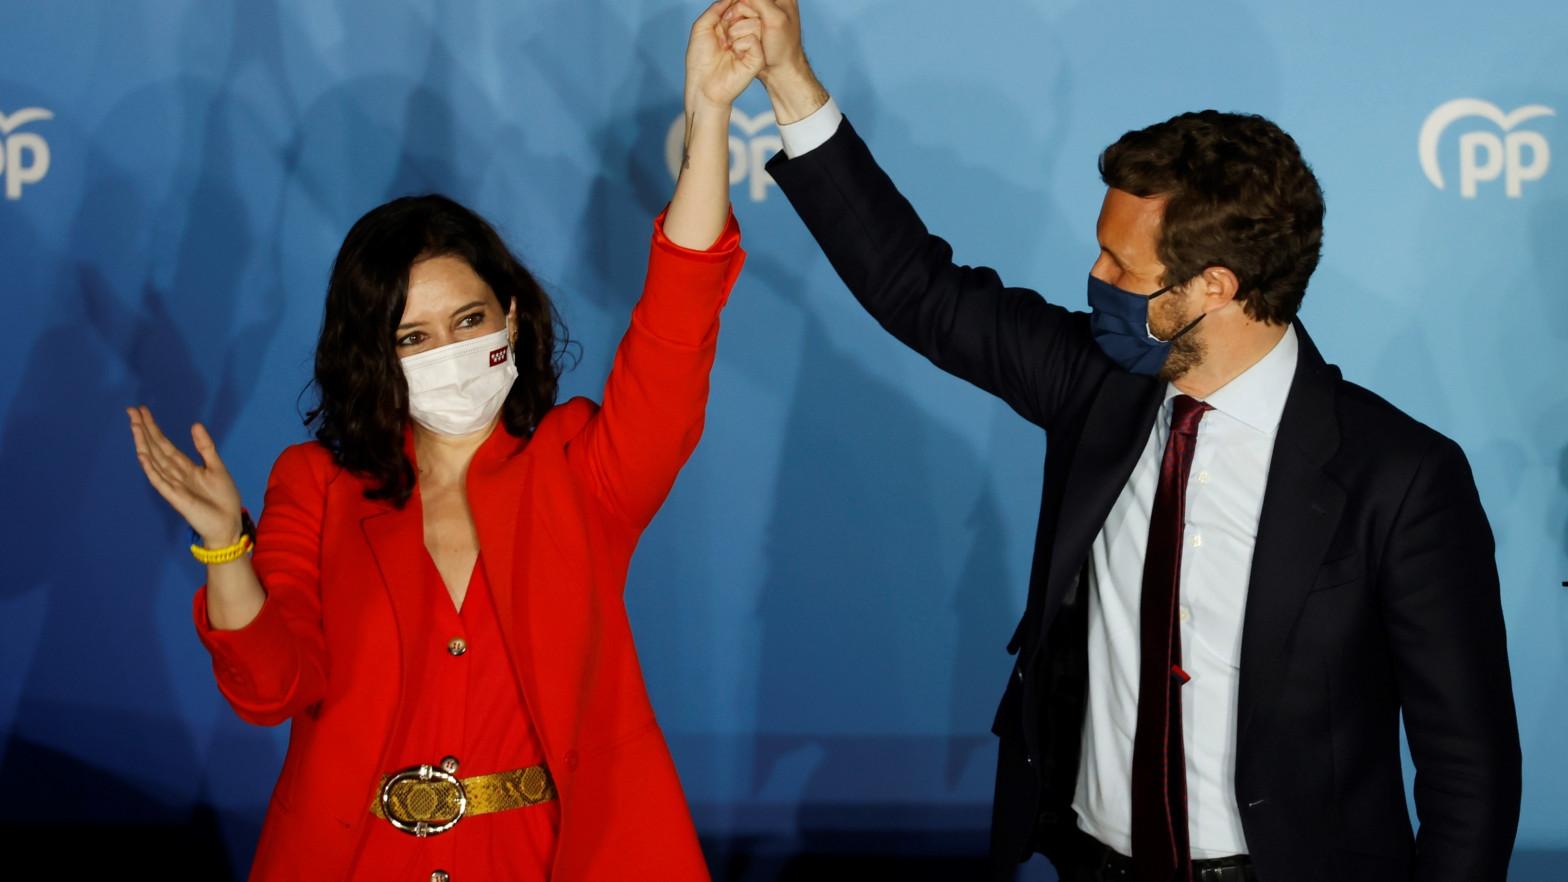 Las elecciones en Madrid encumbran a Ayuso, da un portazo a Pedro Sánchez y echa a Pablo Iglesias de la política